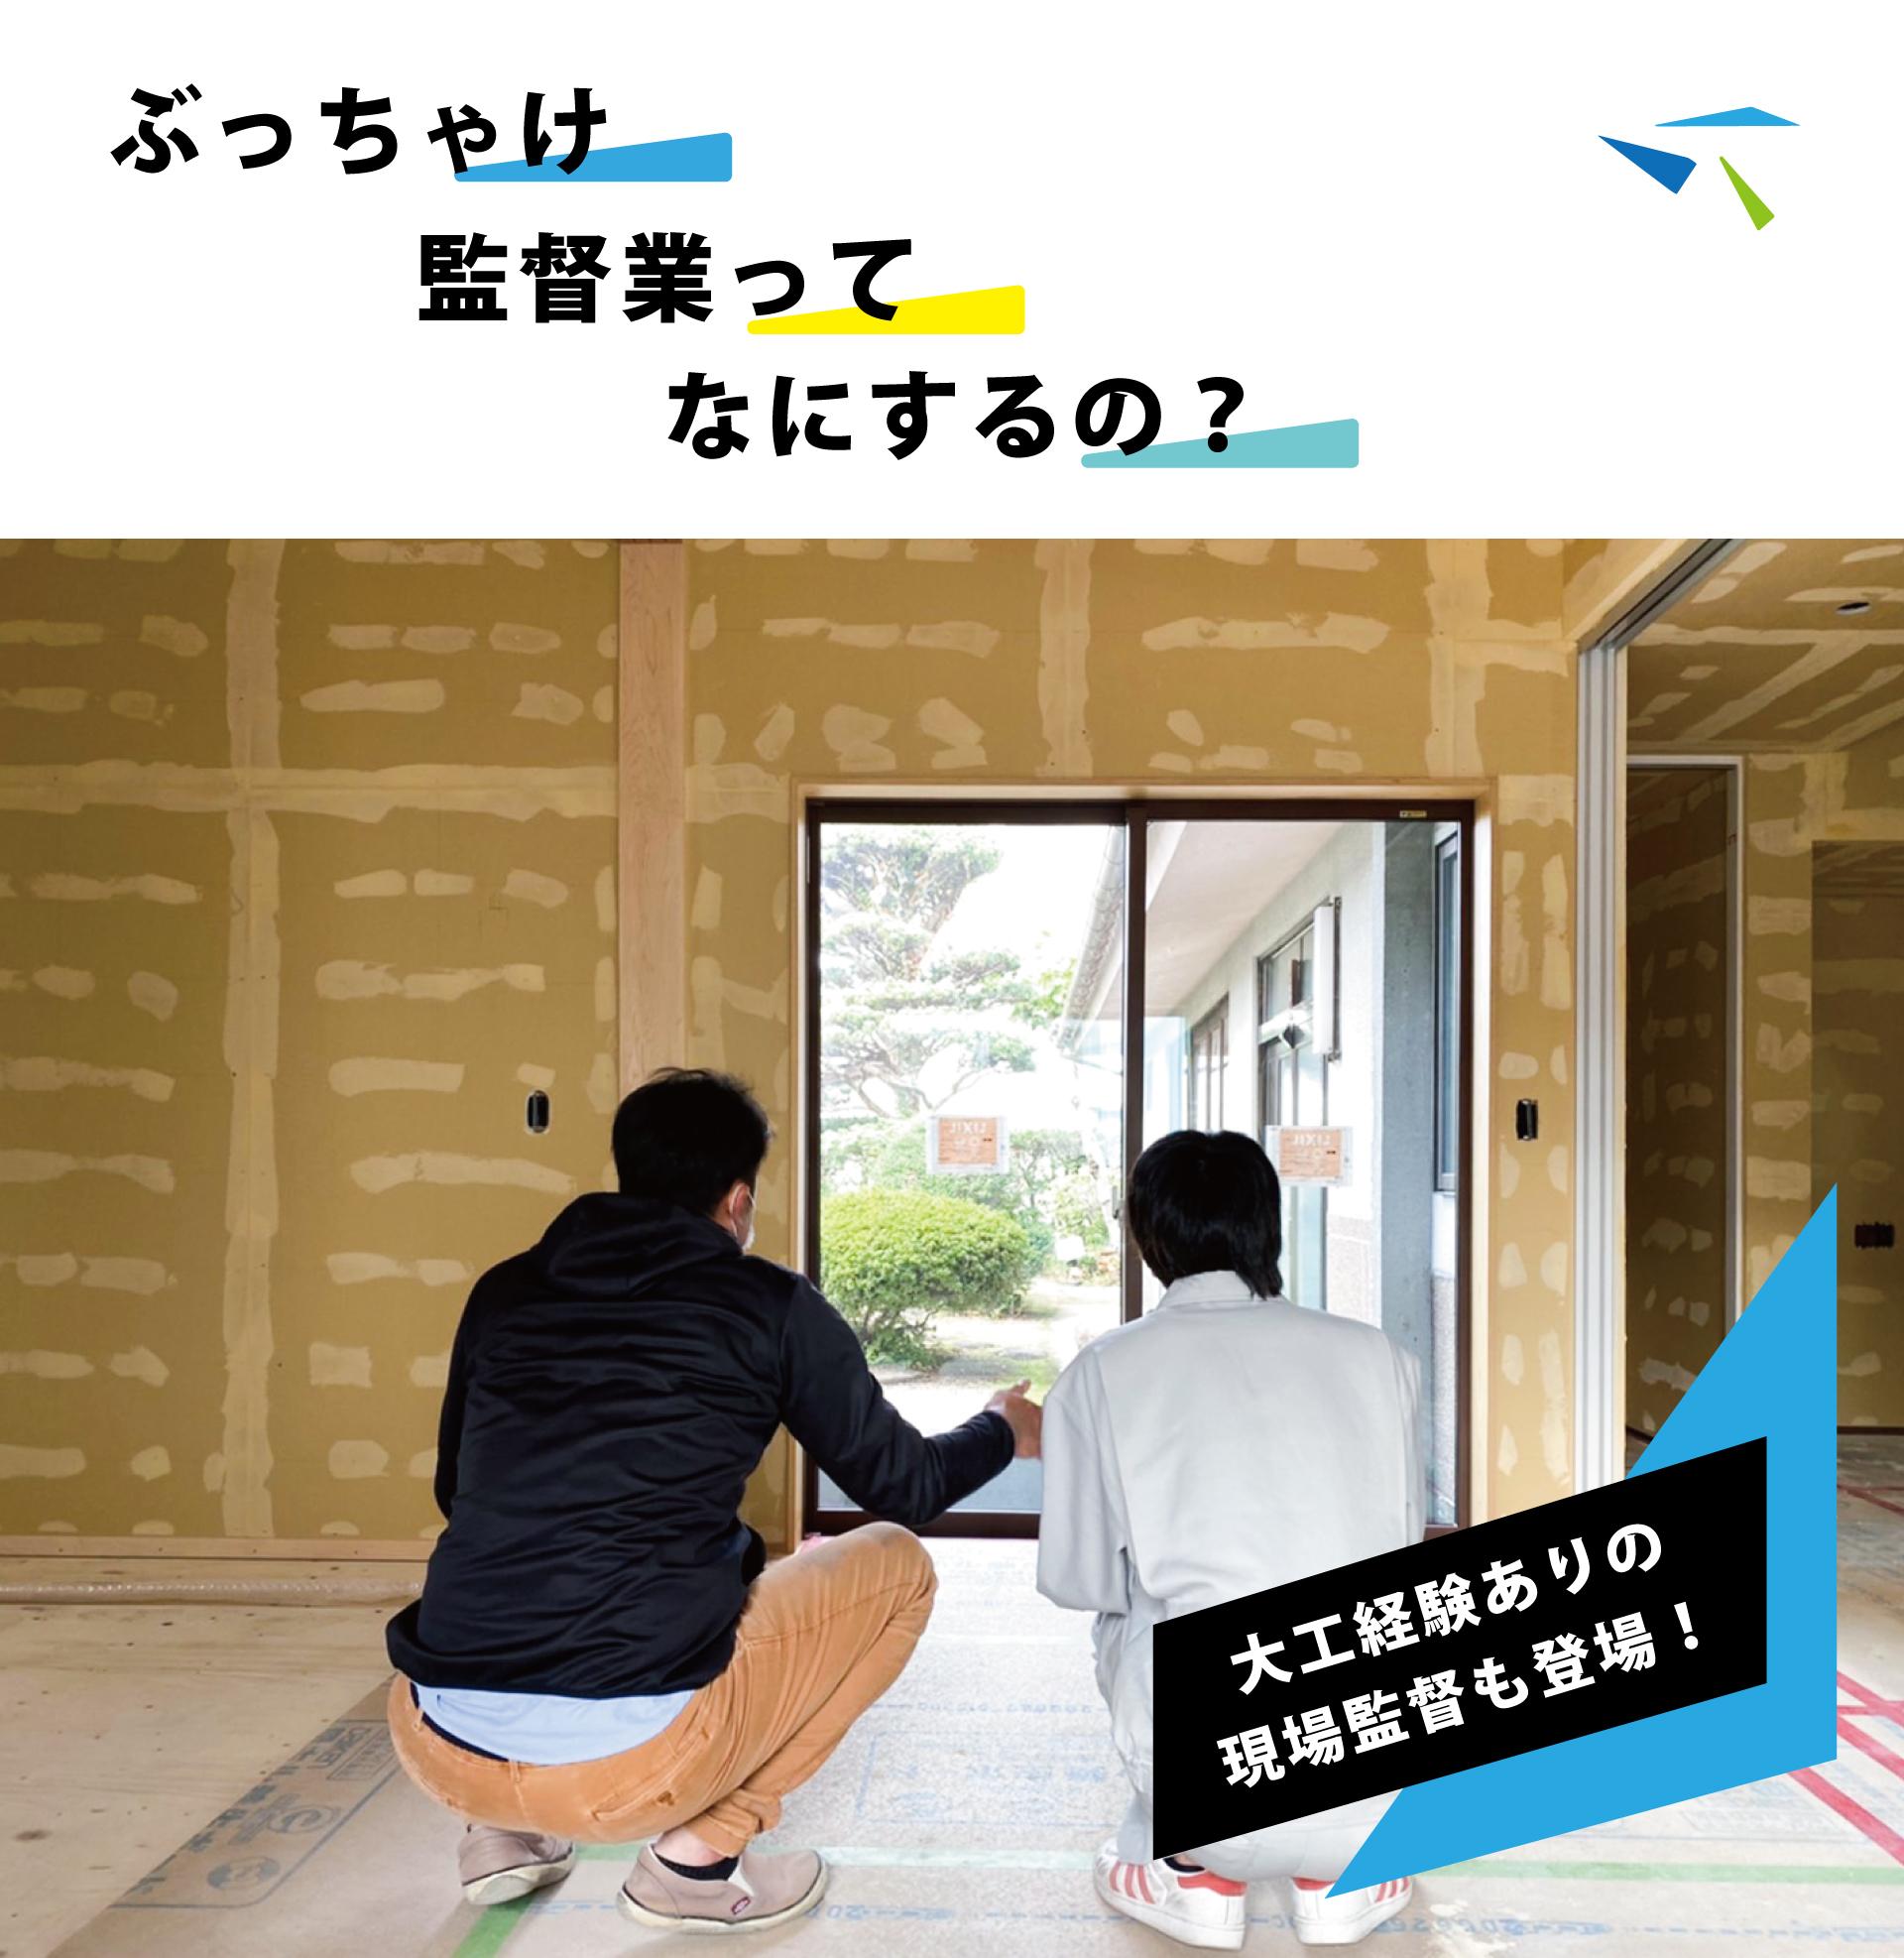 広島県福山市でインターシップを開催